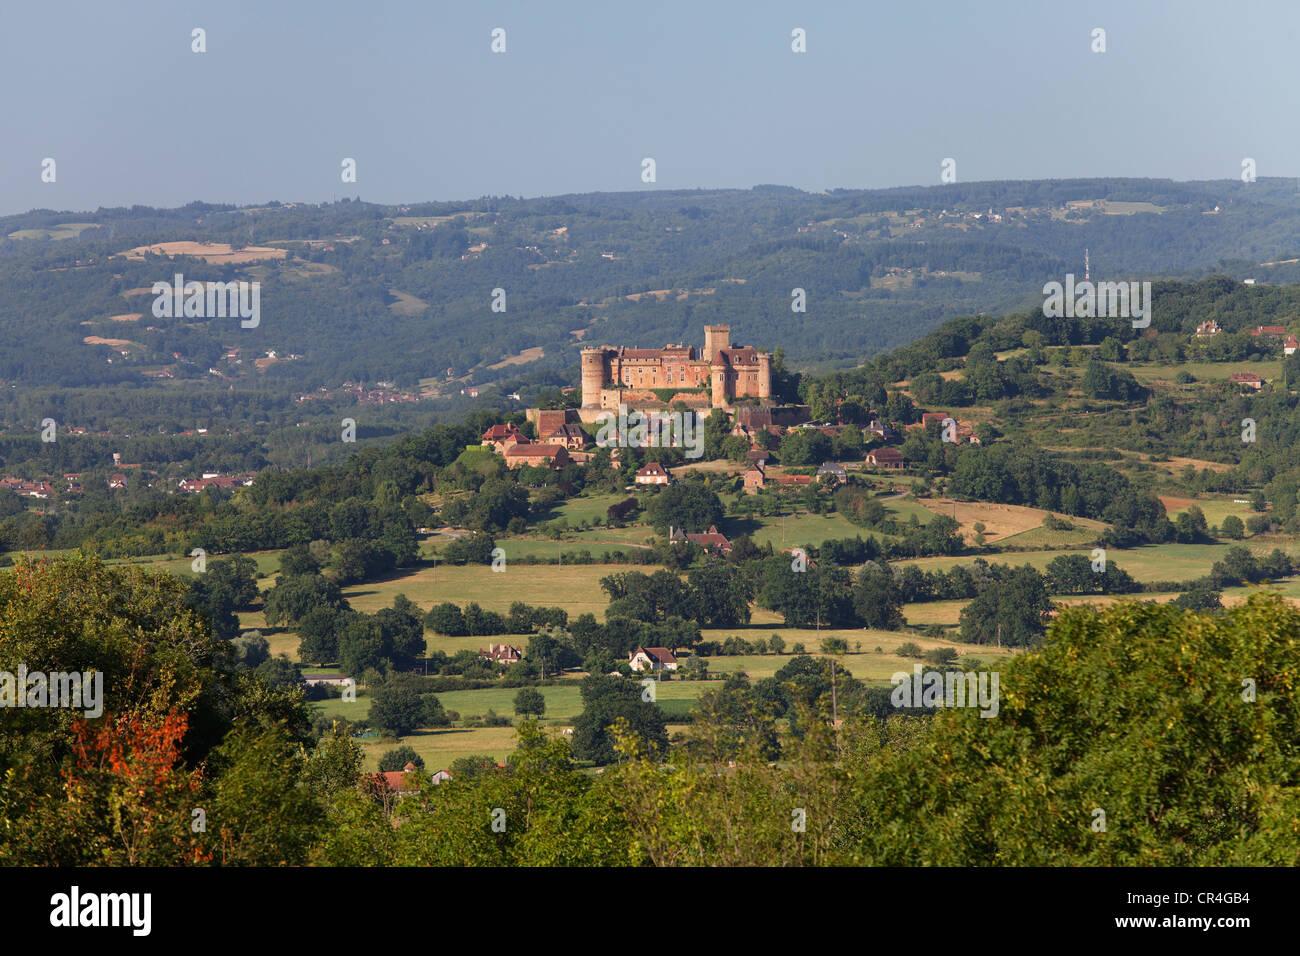 Chateau de Castelnau Bretenoux, Bretenoux, Vallee du Cere valley, Lot, France, Europe - Stock Image